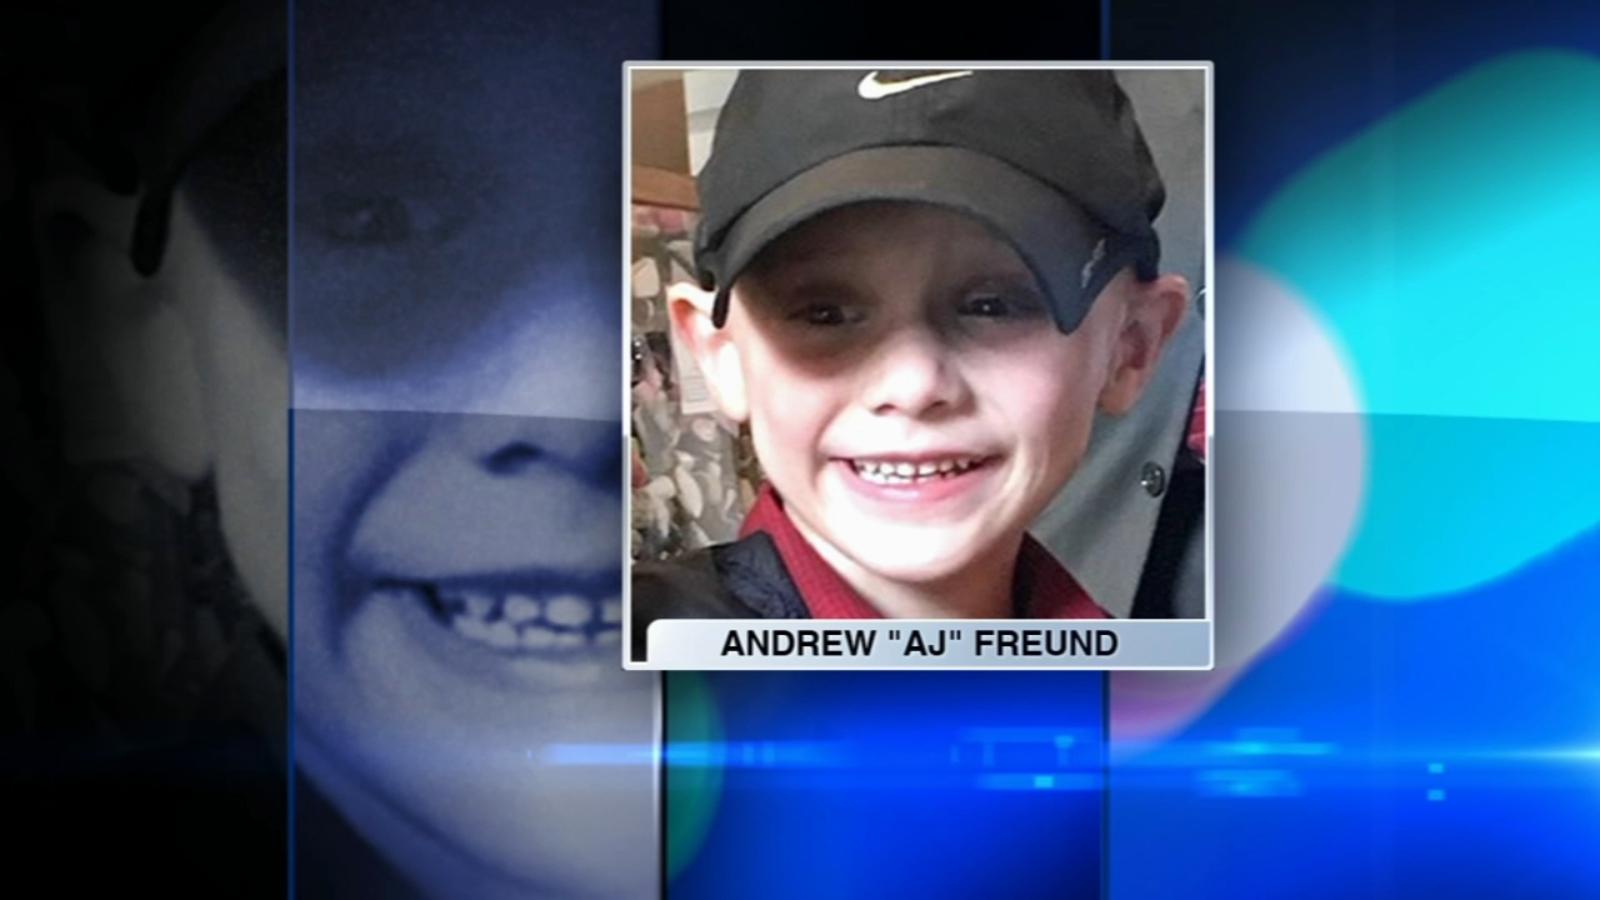 AJ Freund body found after Crystal Lake boy missing 7 days